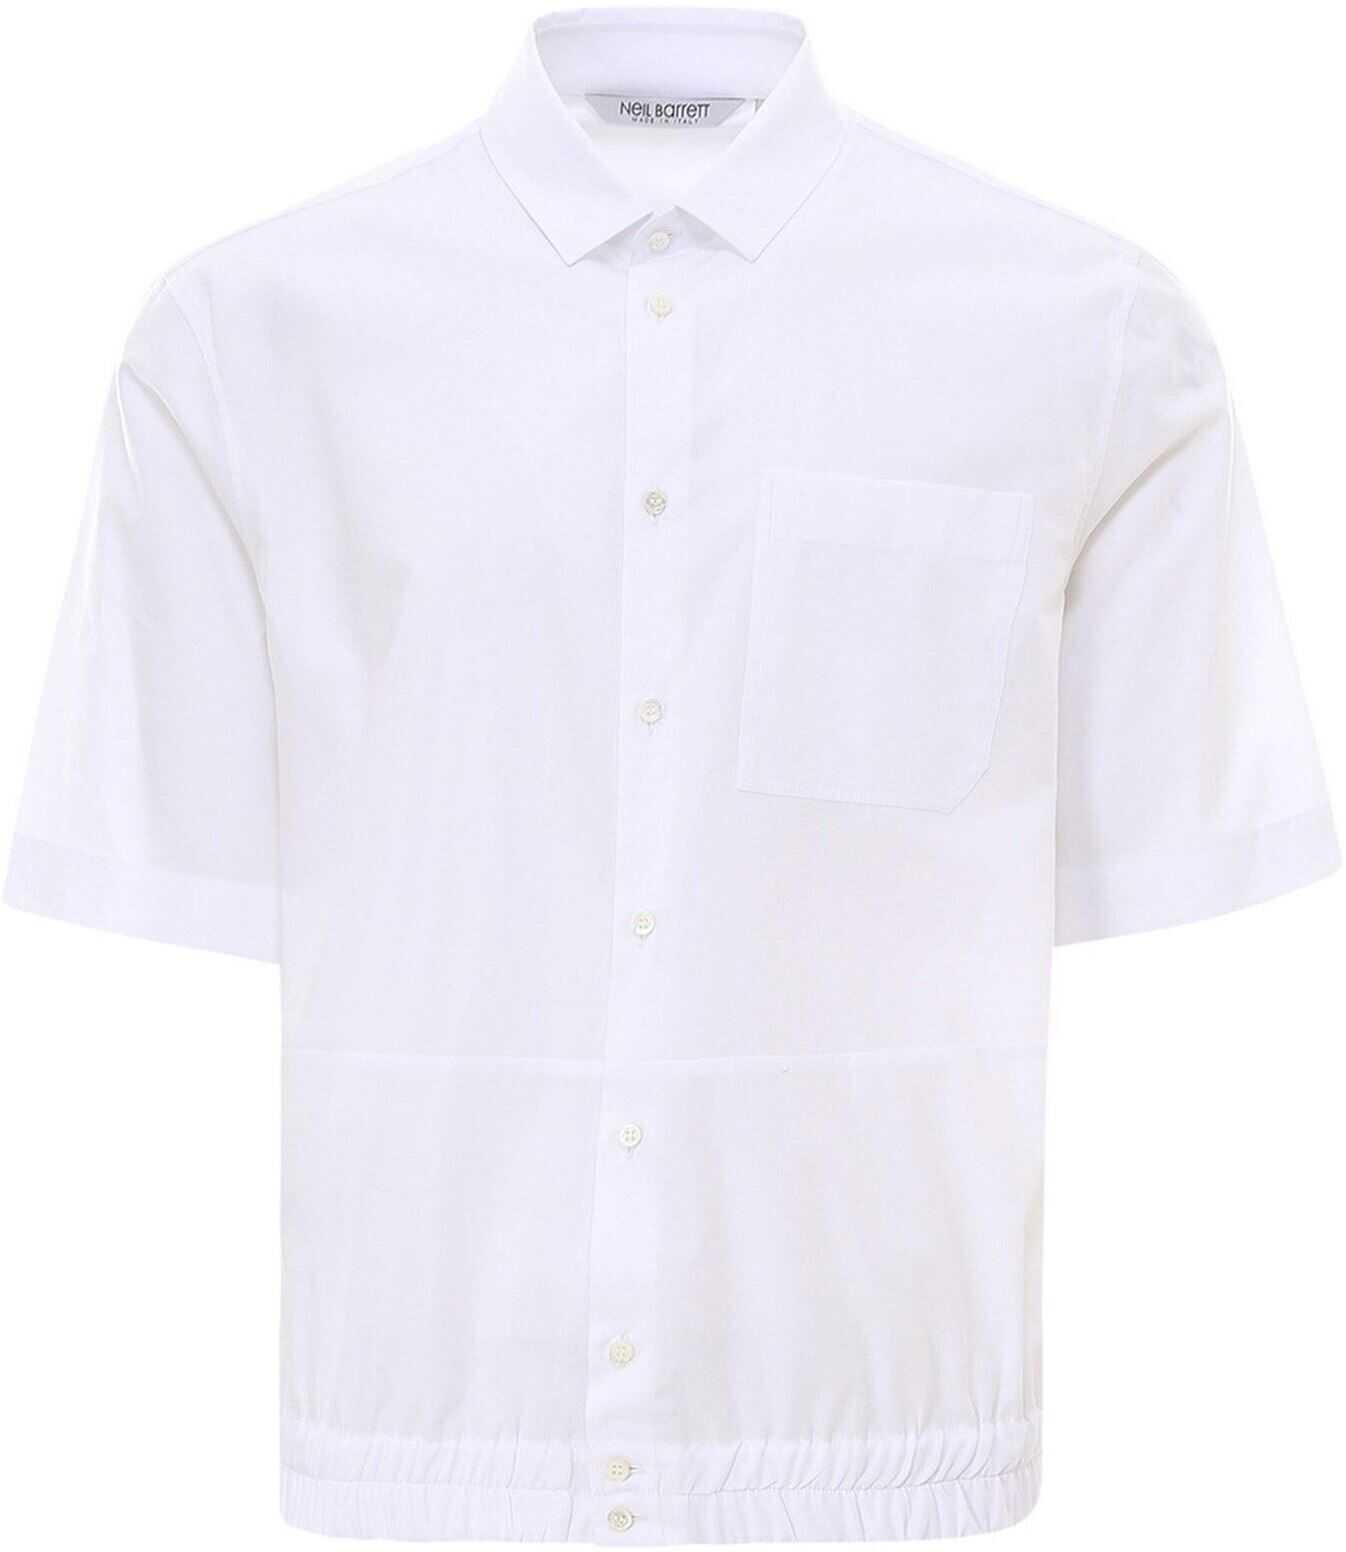 Neil Barrett Cotton Shirt White imagine